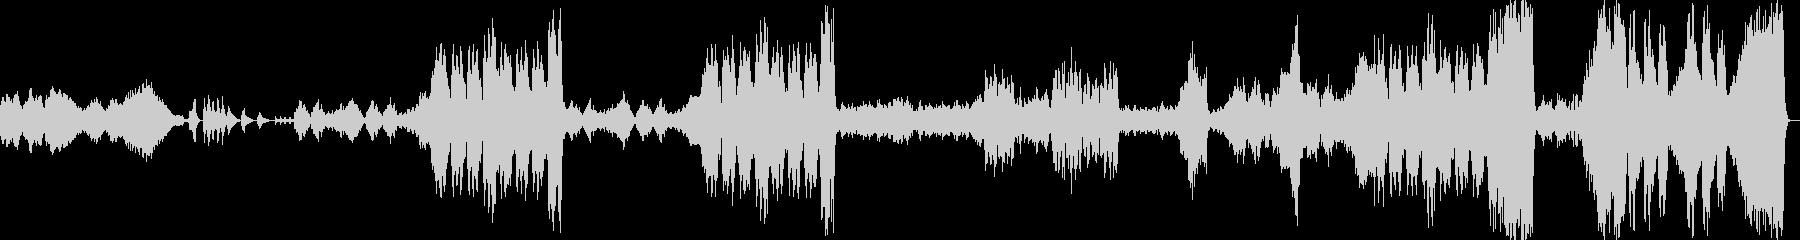 花のワルツ/チャイコフスキーの未再生の波形